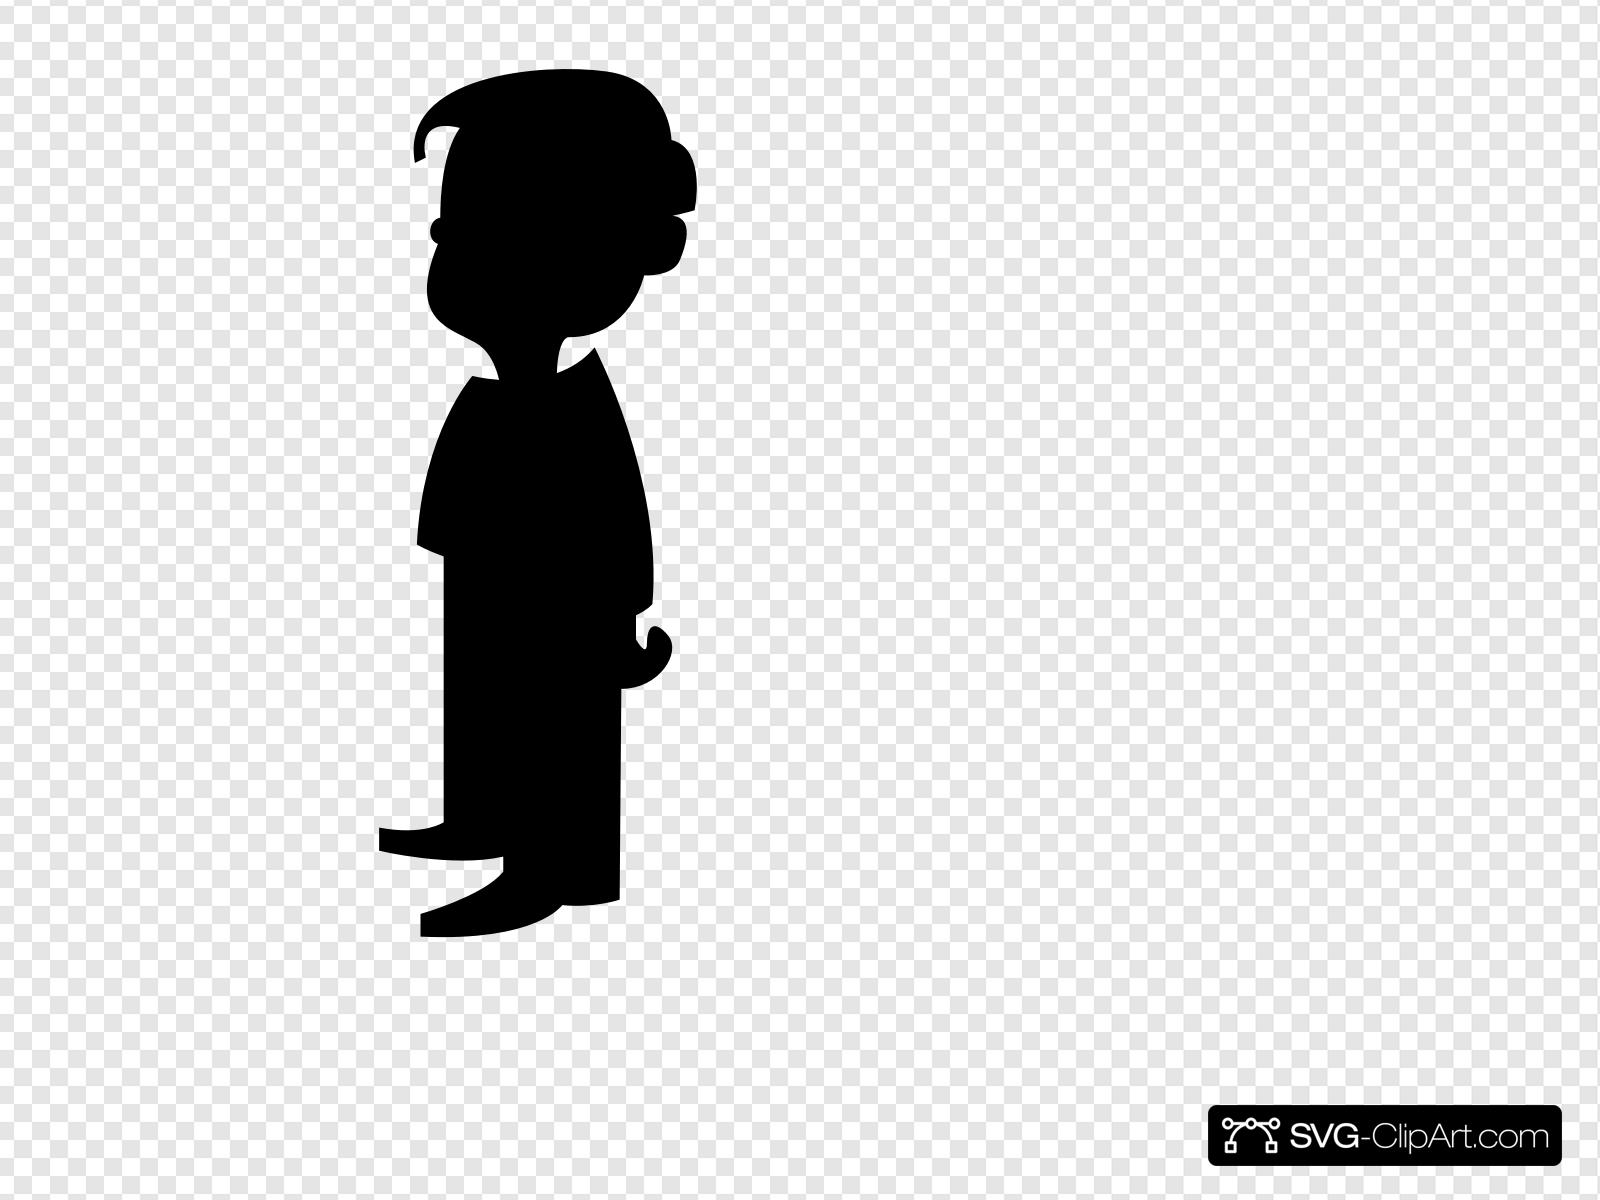 Bo sillohette clipart clip art transparent stock Boy Silhouette Clip art, Icon and SVG - SVG Clipart clip art transparent stock